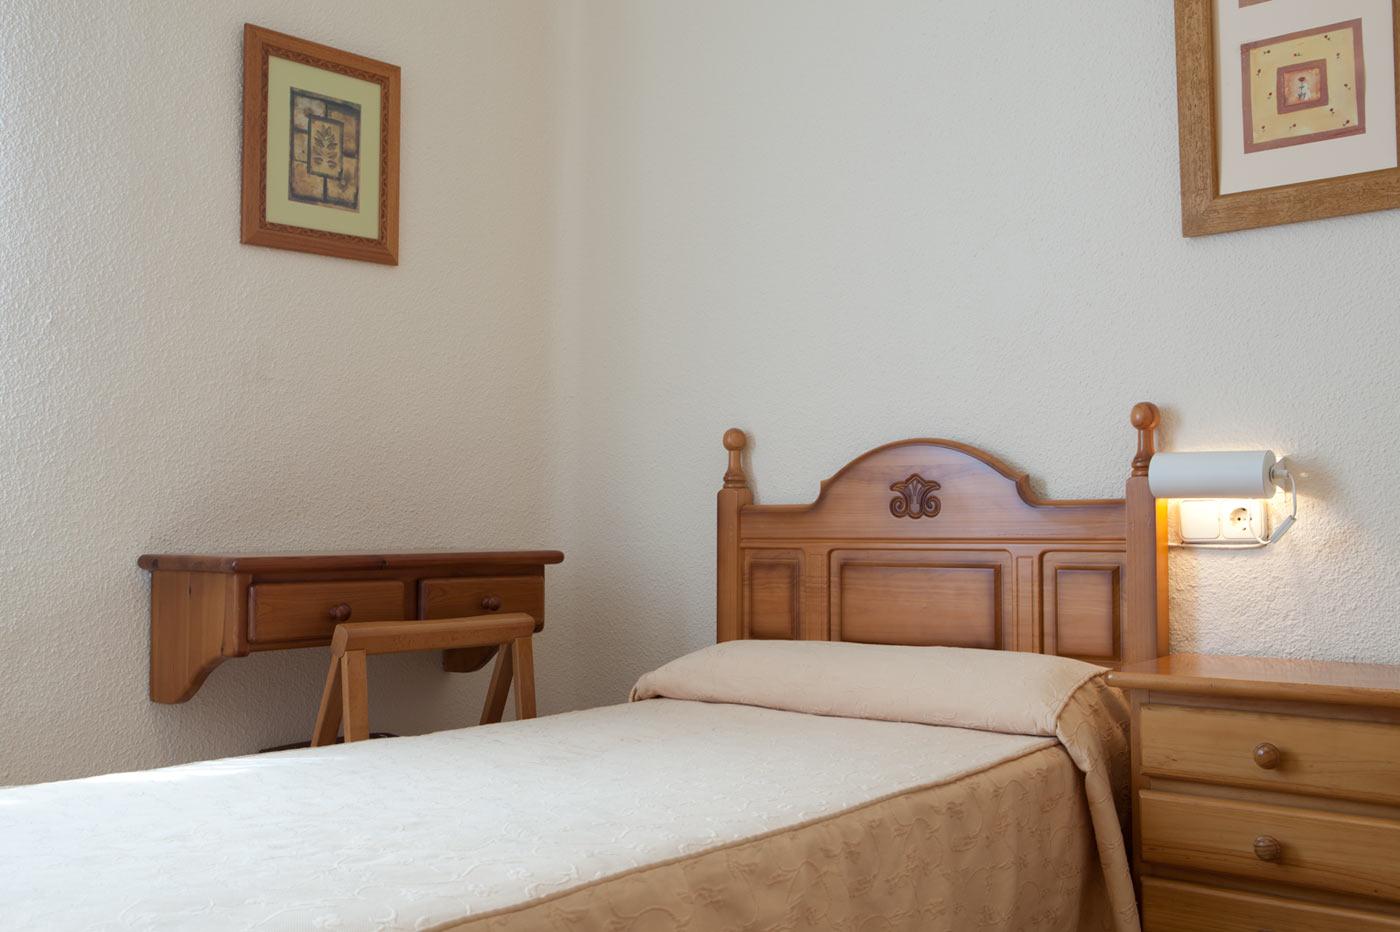 habitaciones_galeria_doble03